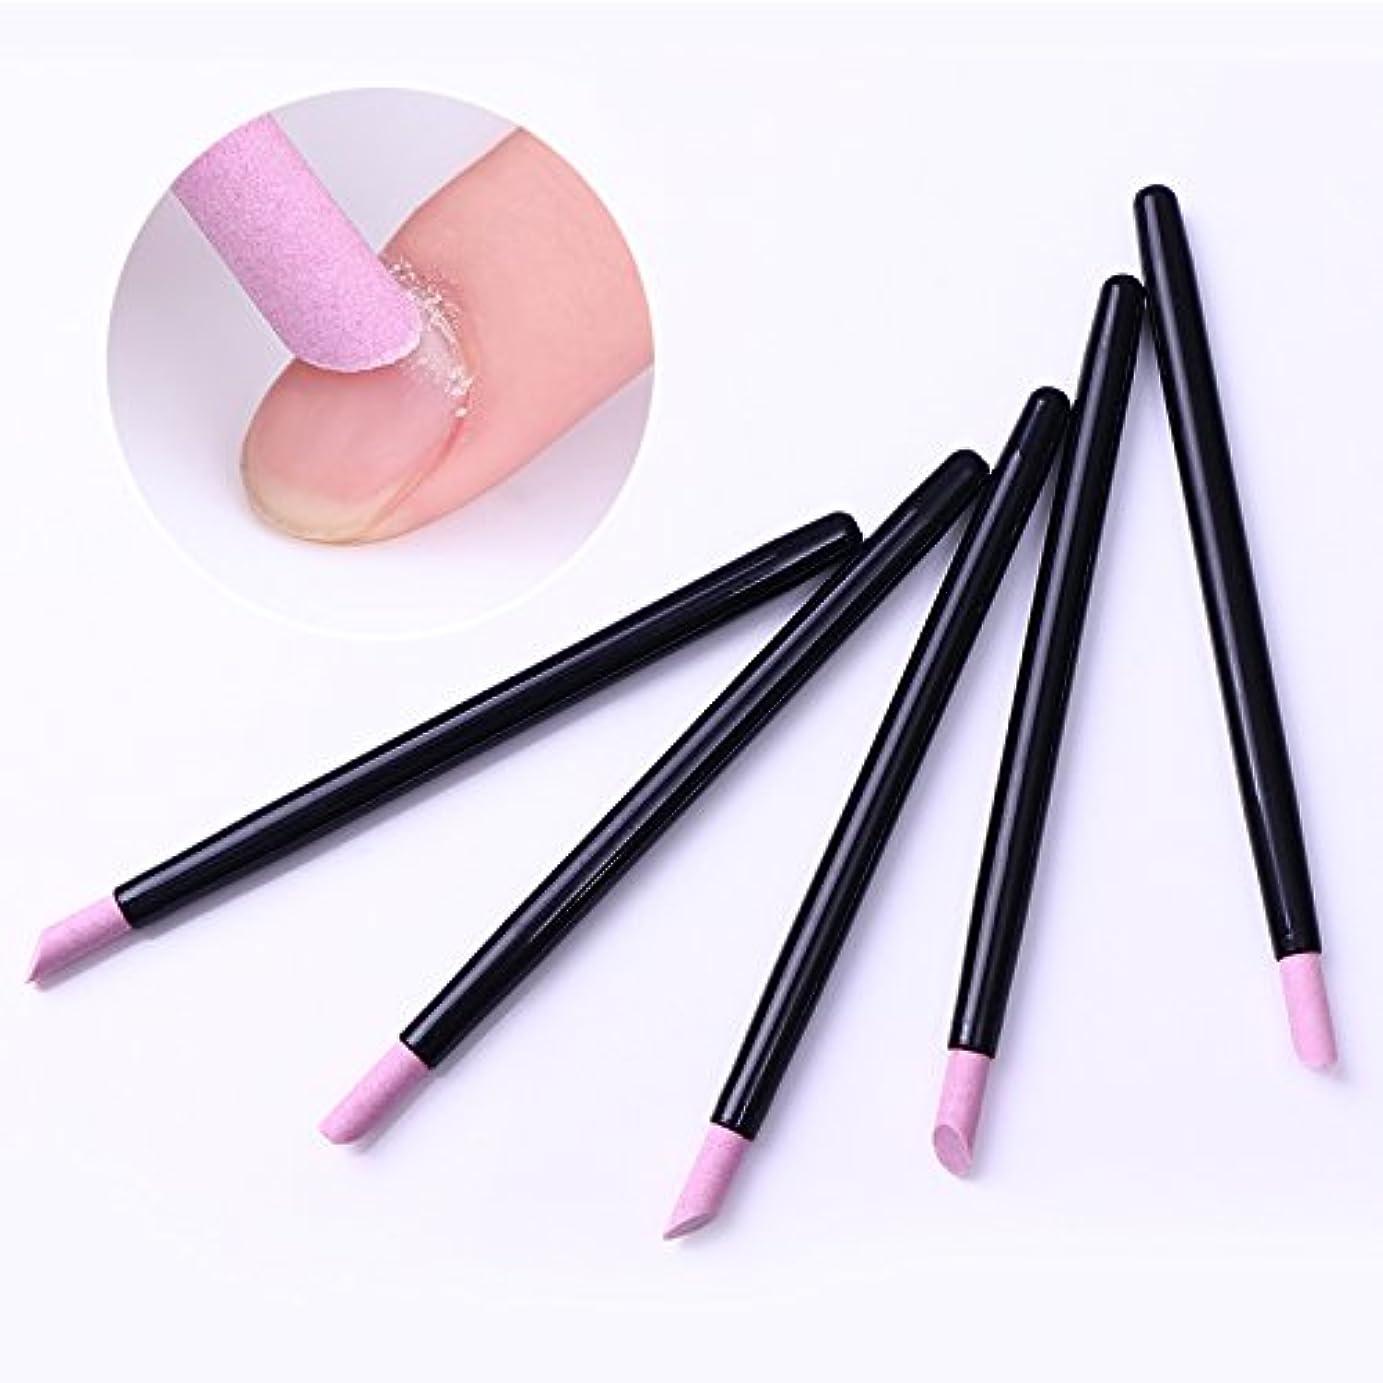 密度コーチ島5Pcs Cuticle Remover Pusher Trimmer Quartz Stone Scrub Pen Nail Tool Black Handle Manicure Nail Care Tool キューティクルリムーバープッシャートリマークォーツストーンスクラブペンネイルツールブラックハンドルマニキュアネイルケアツール